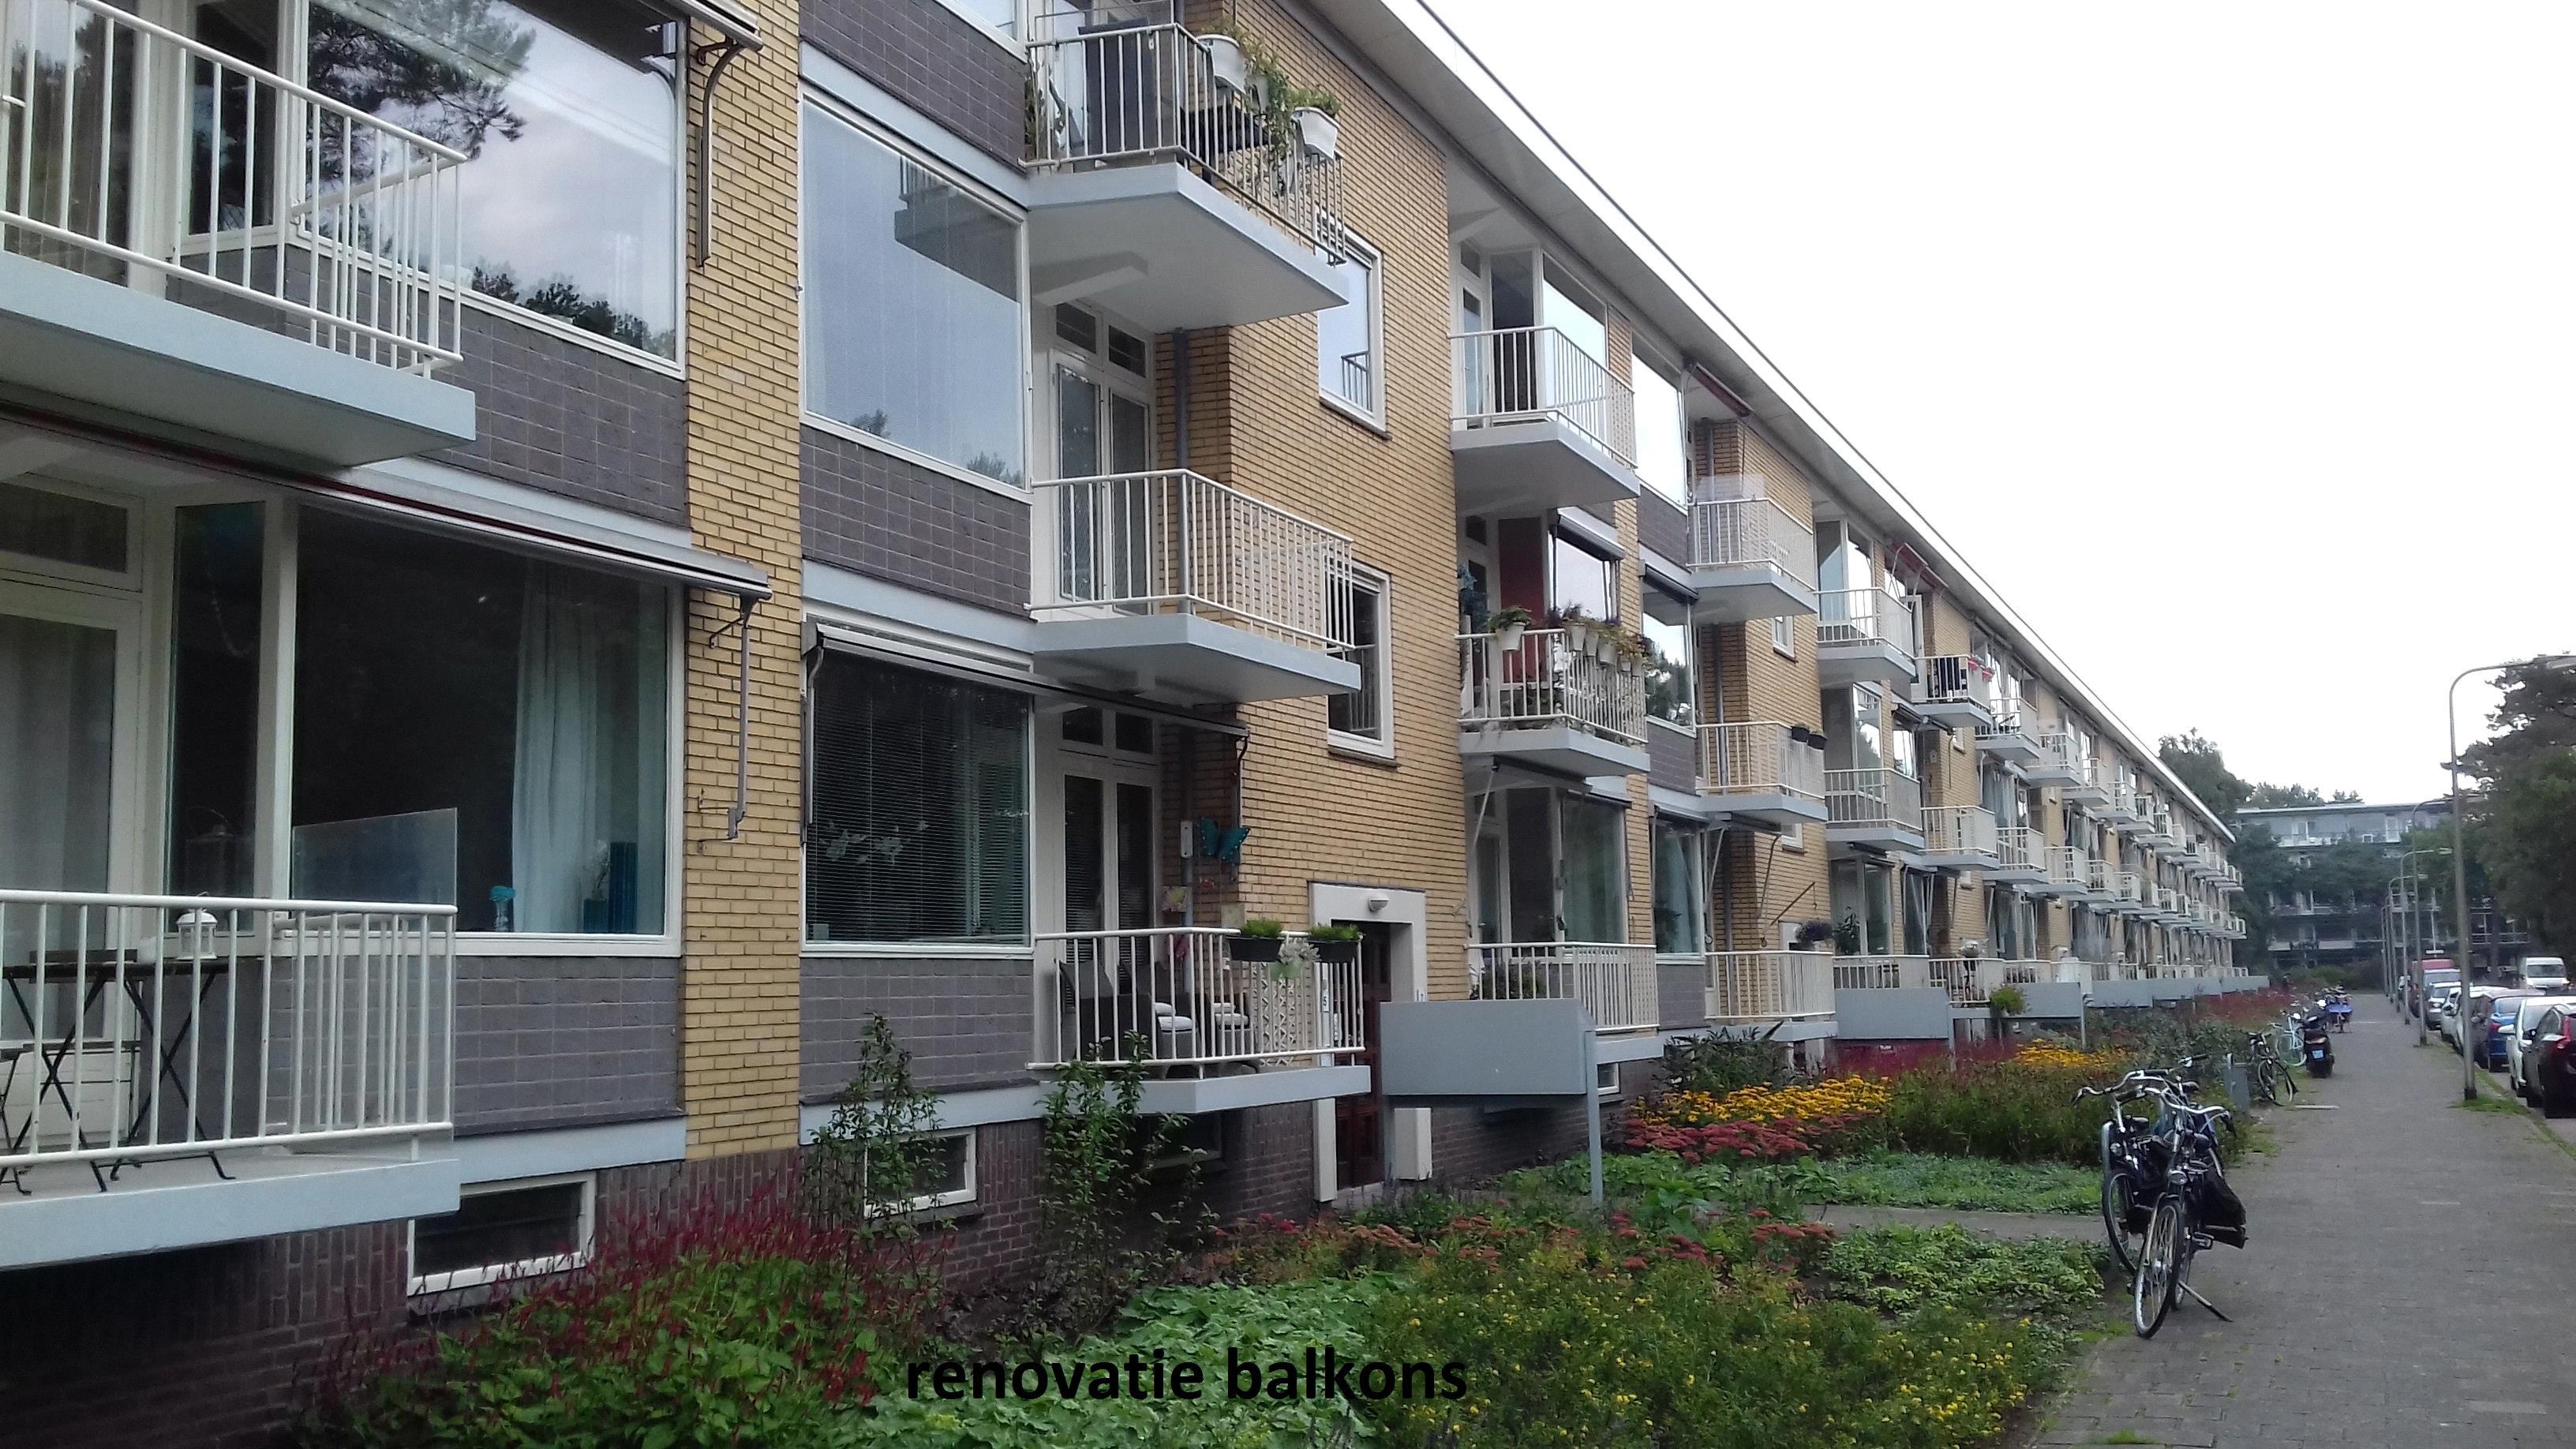 renovatie balkons